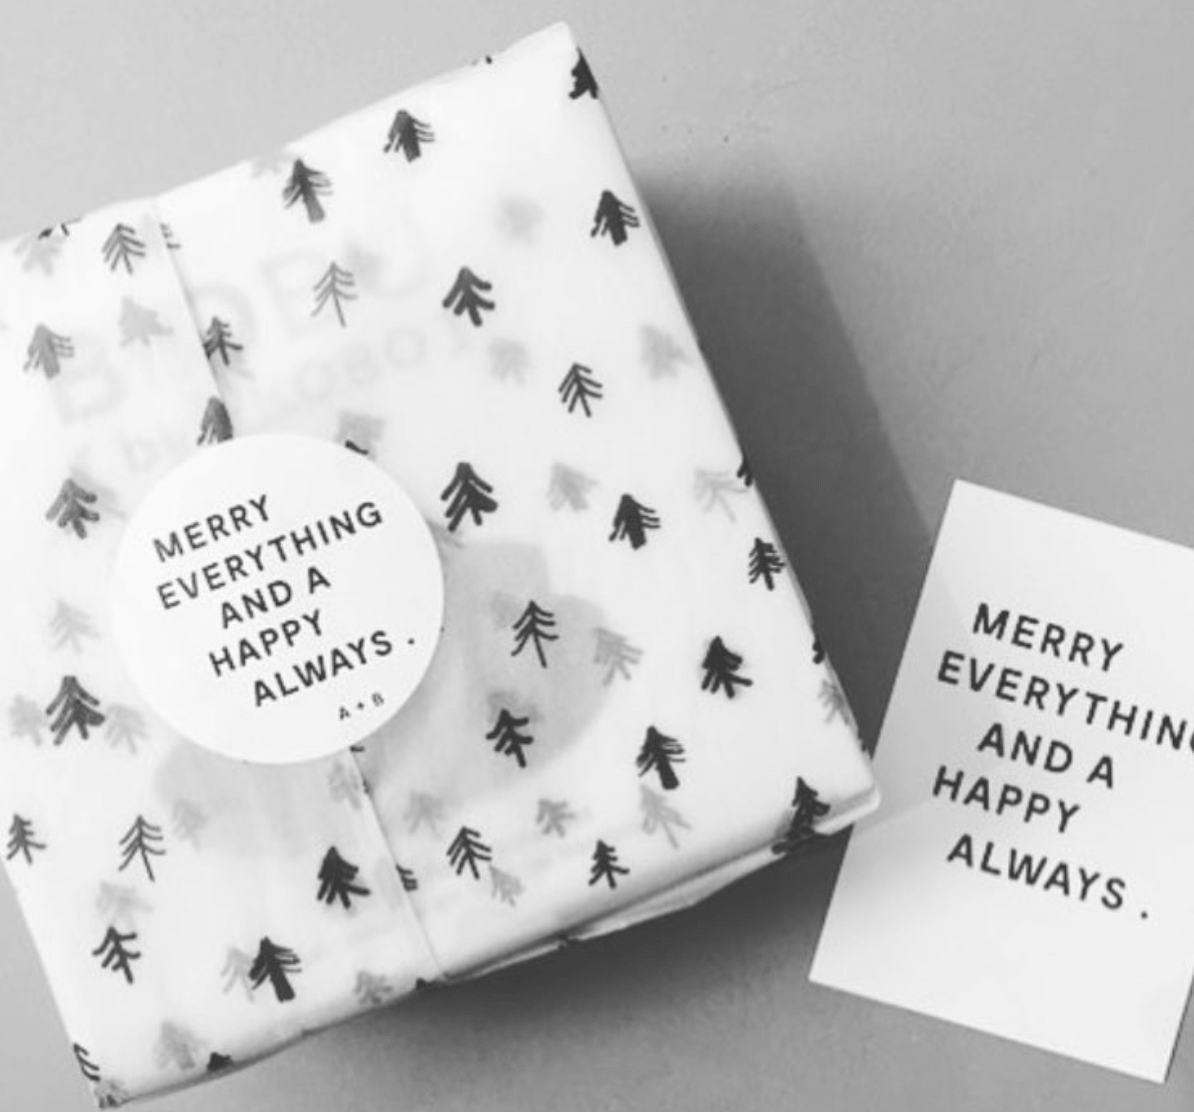 Custom holiday stickers by Der Kleine Salon